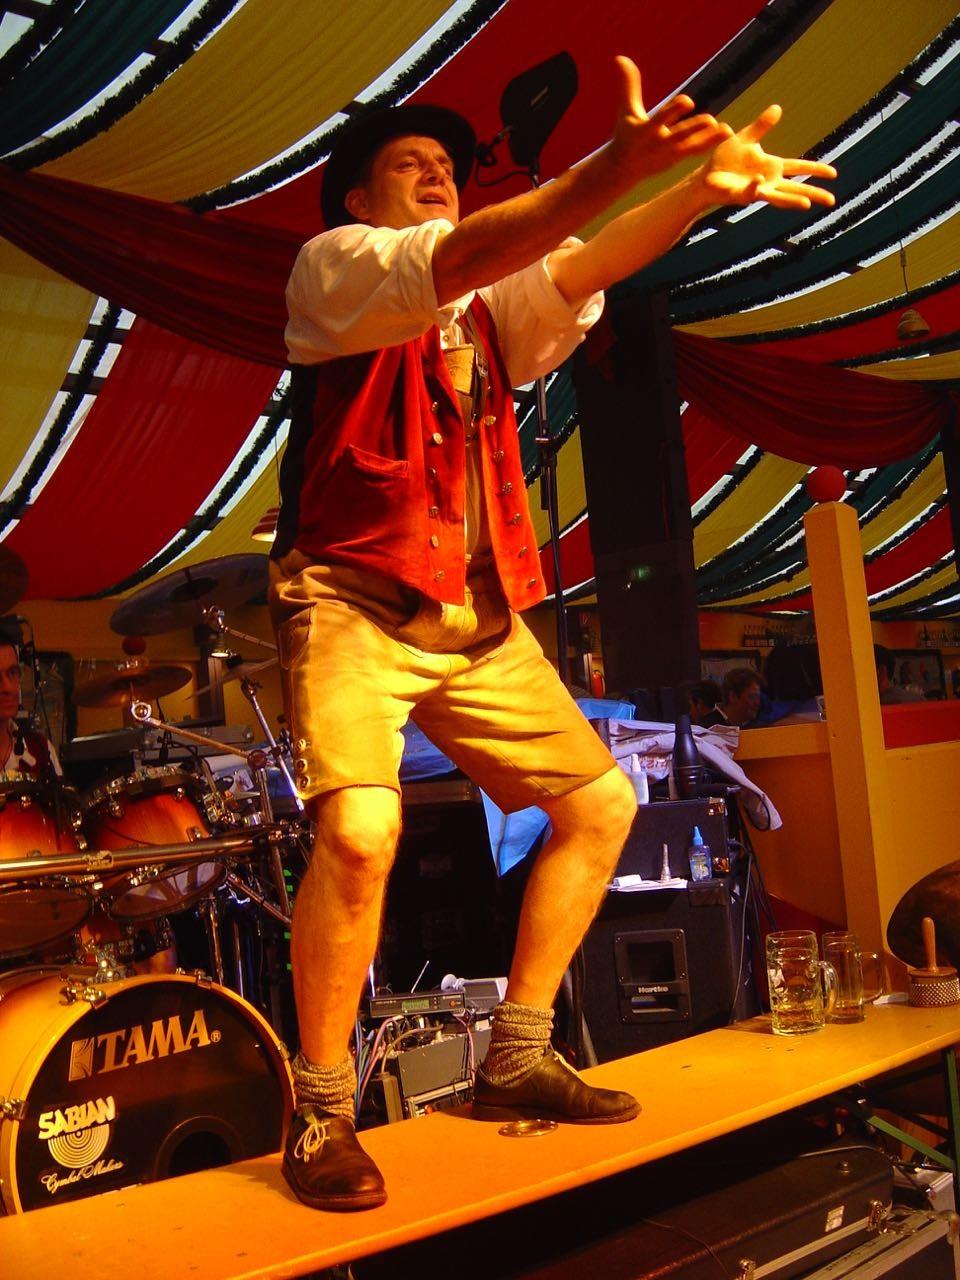 SIMMISAMMA die Oktoberfestband live auf dem Münchner Oktoberfest – 24